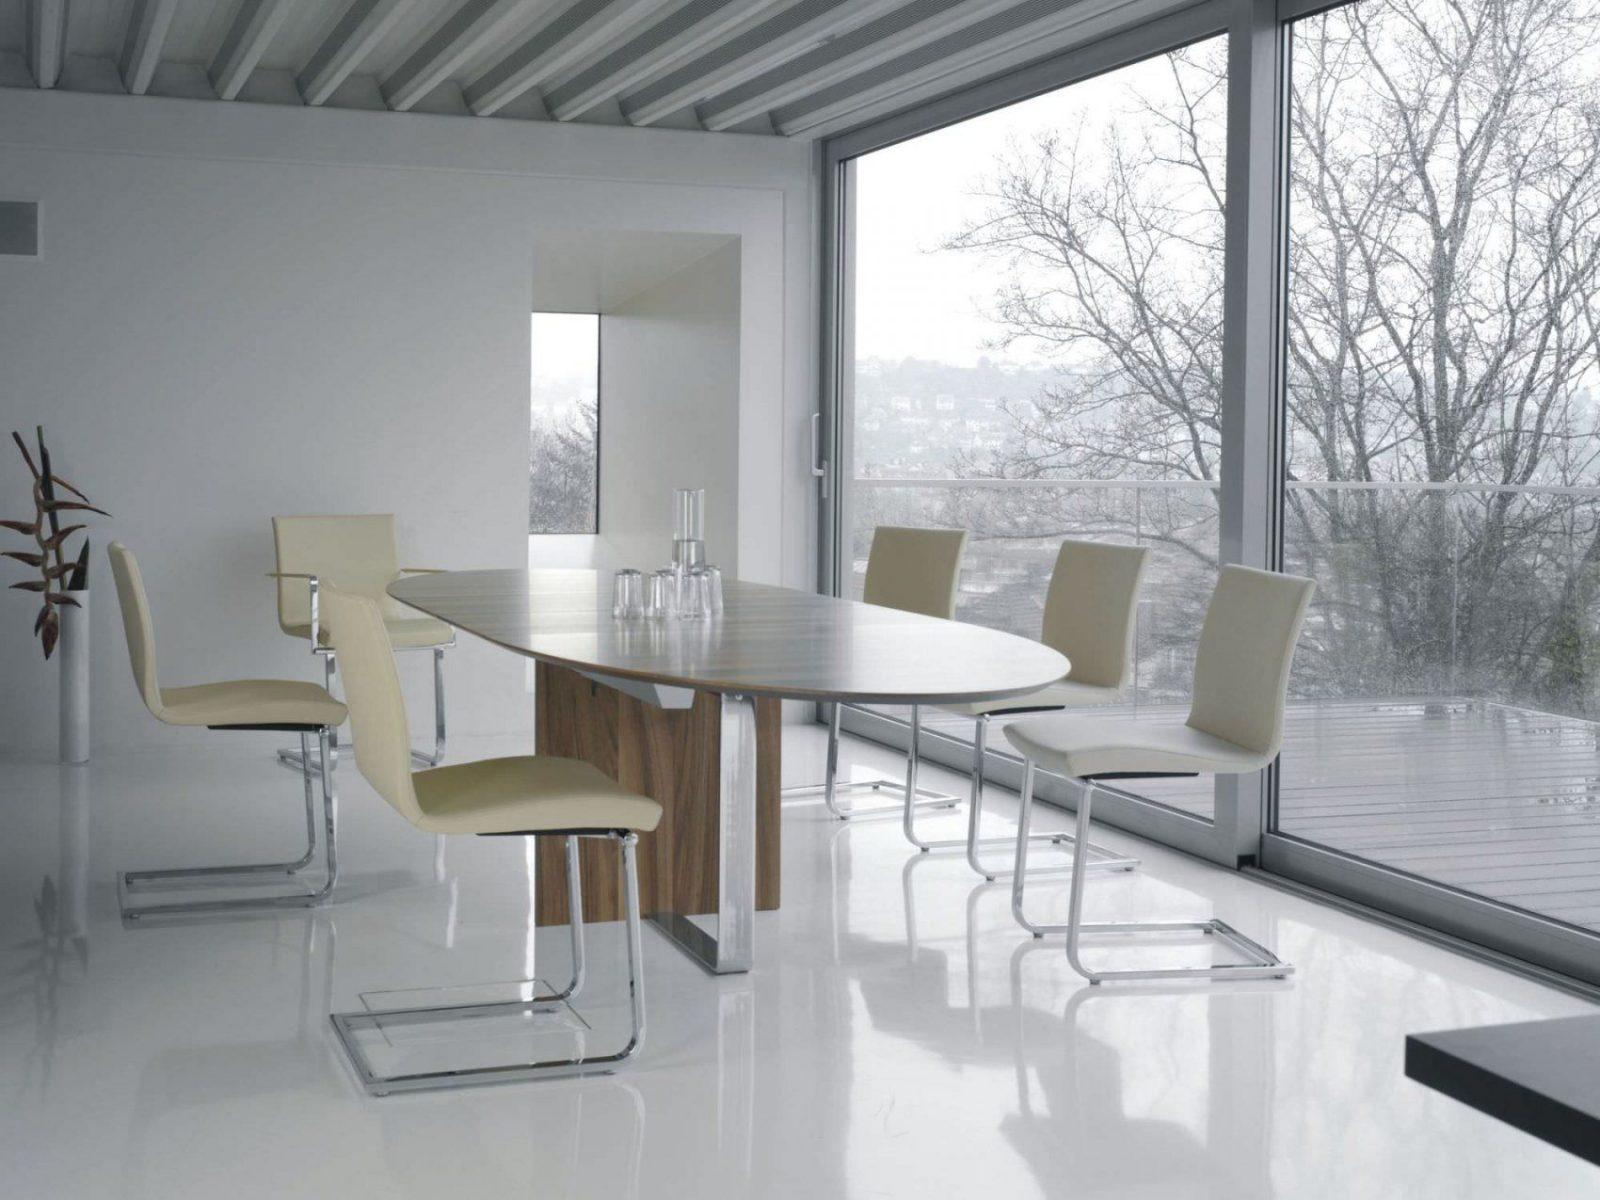 esstisch rund ausziehbar modern haus design ideen. Black Bedroom Furniture Sets. Home Design Ideas